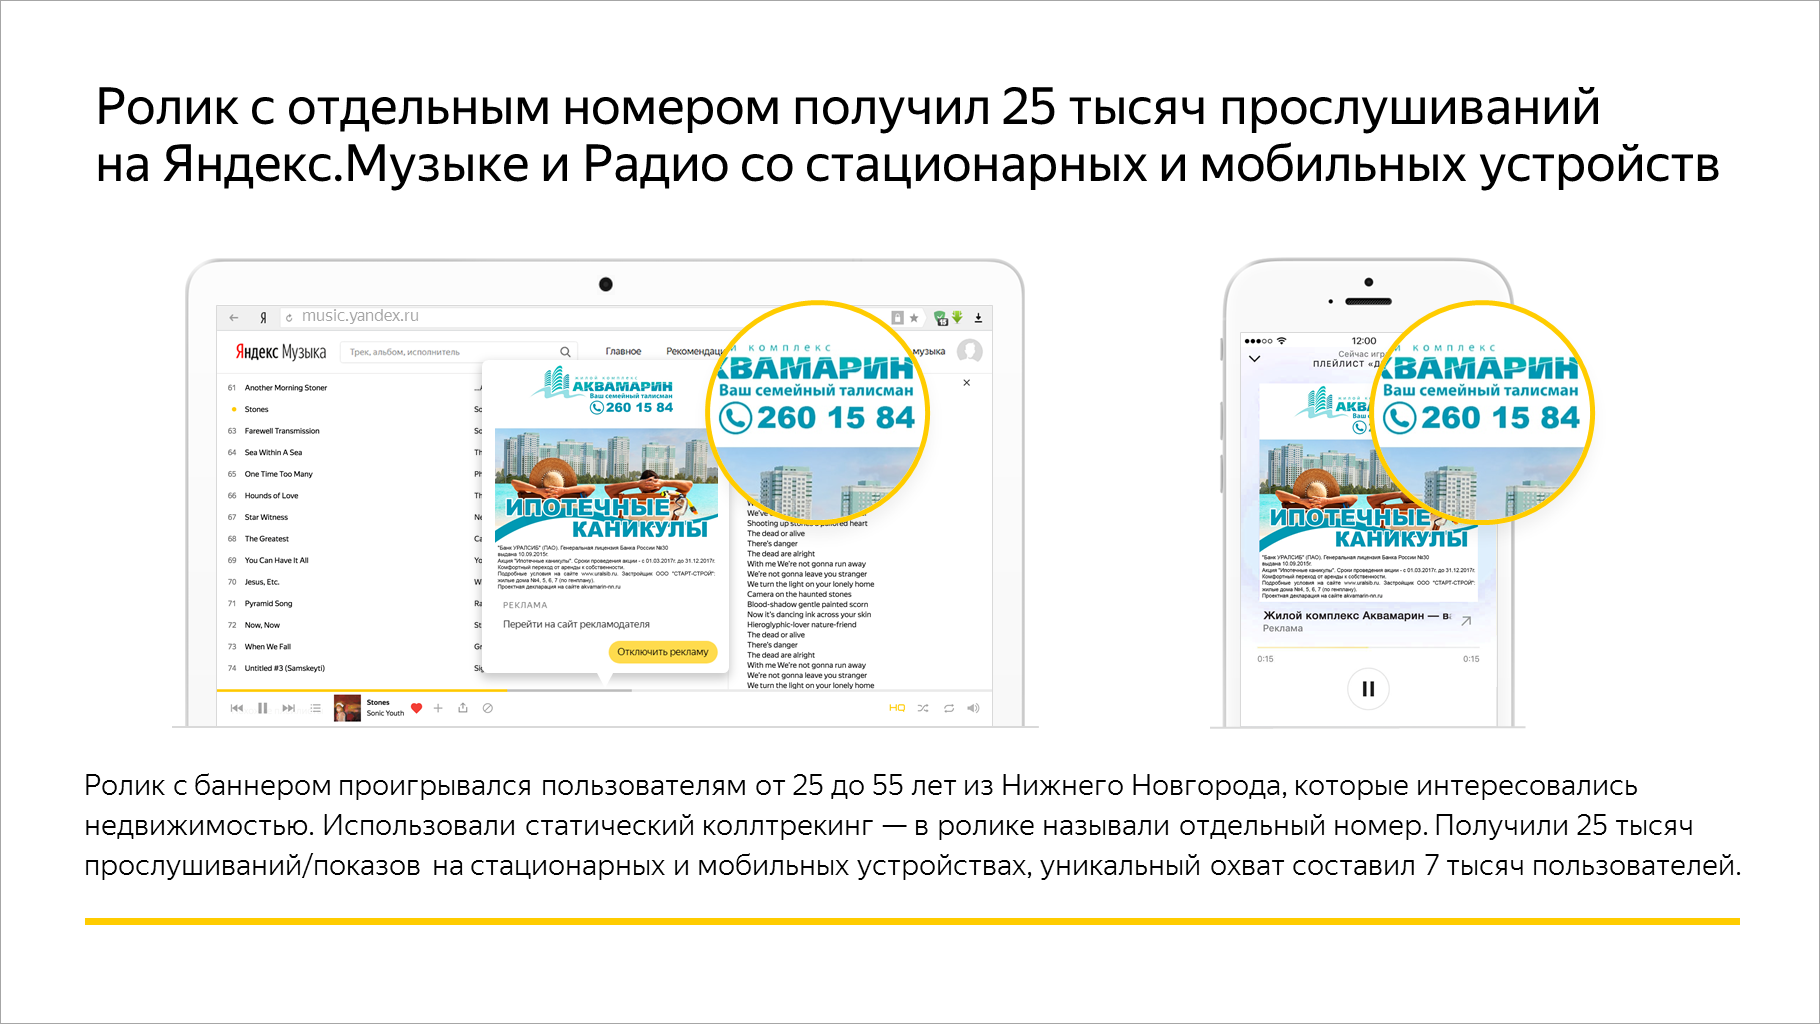 Ролик с отдельным номером получил 25 тысяч прослушиваний на Яндекс.Музыке и Яндекс.Радио со стационарных и мобильных устройств